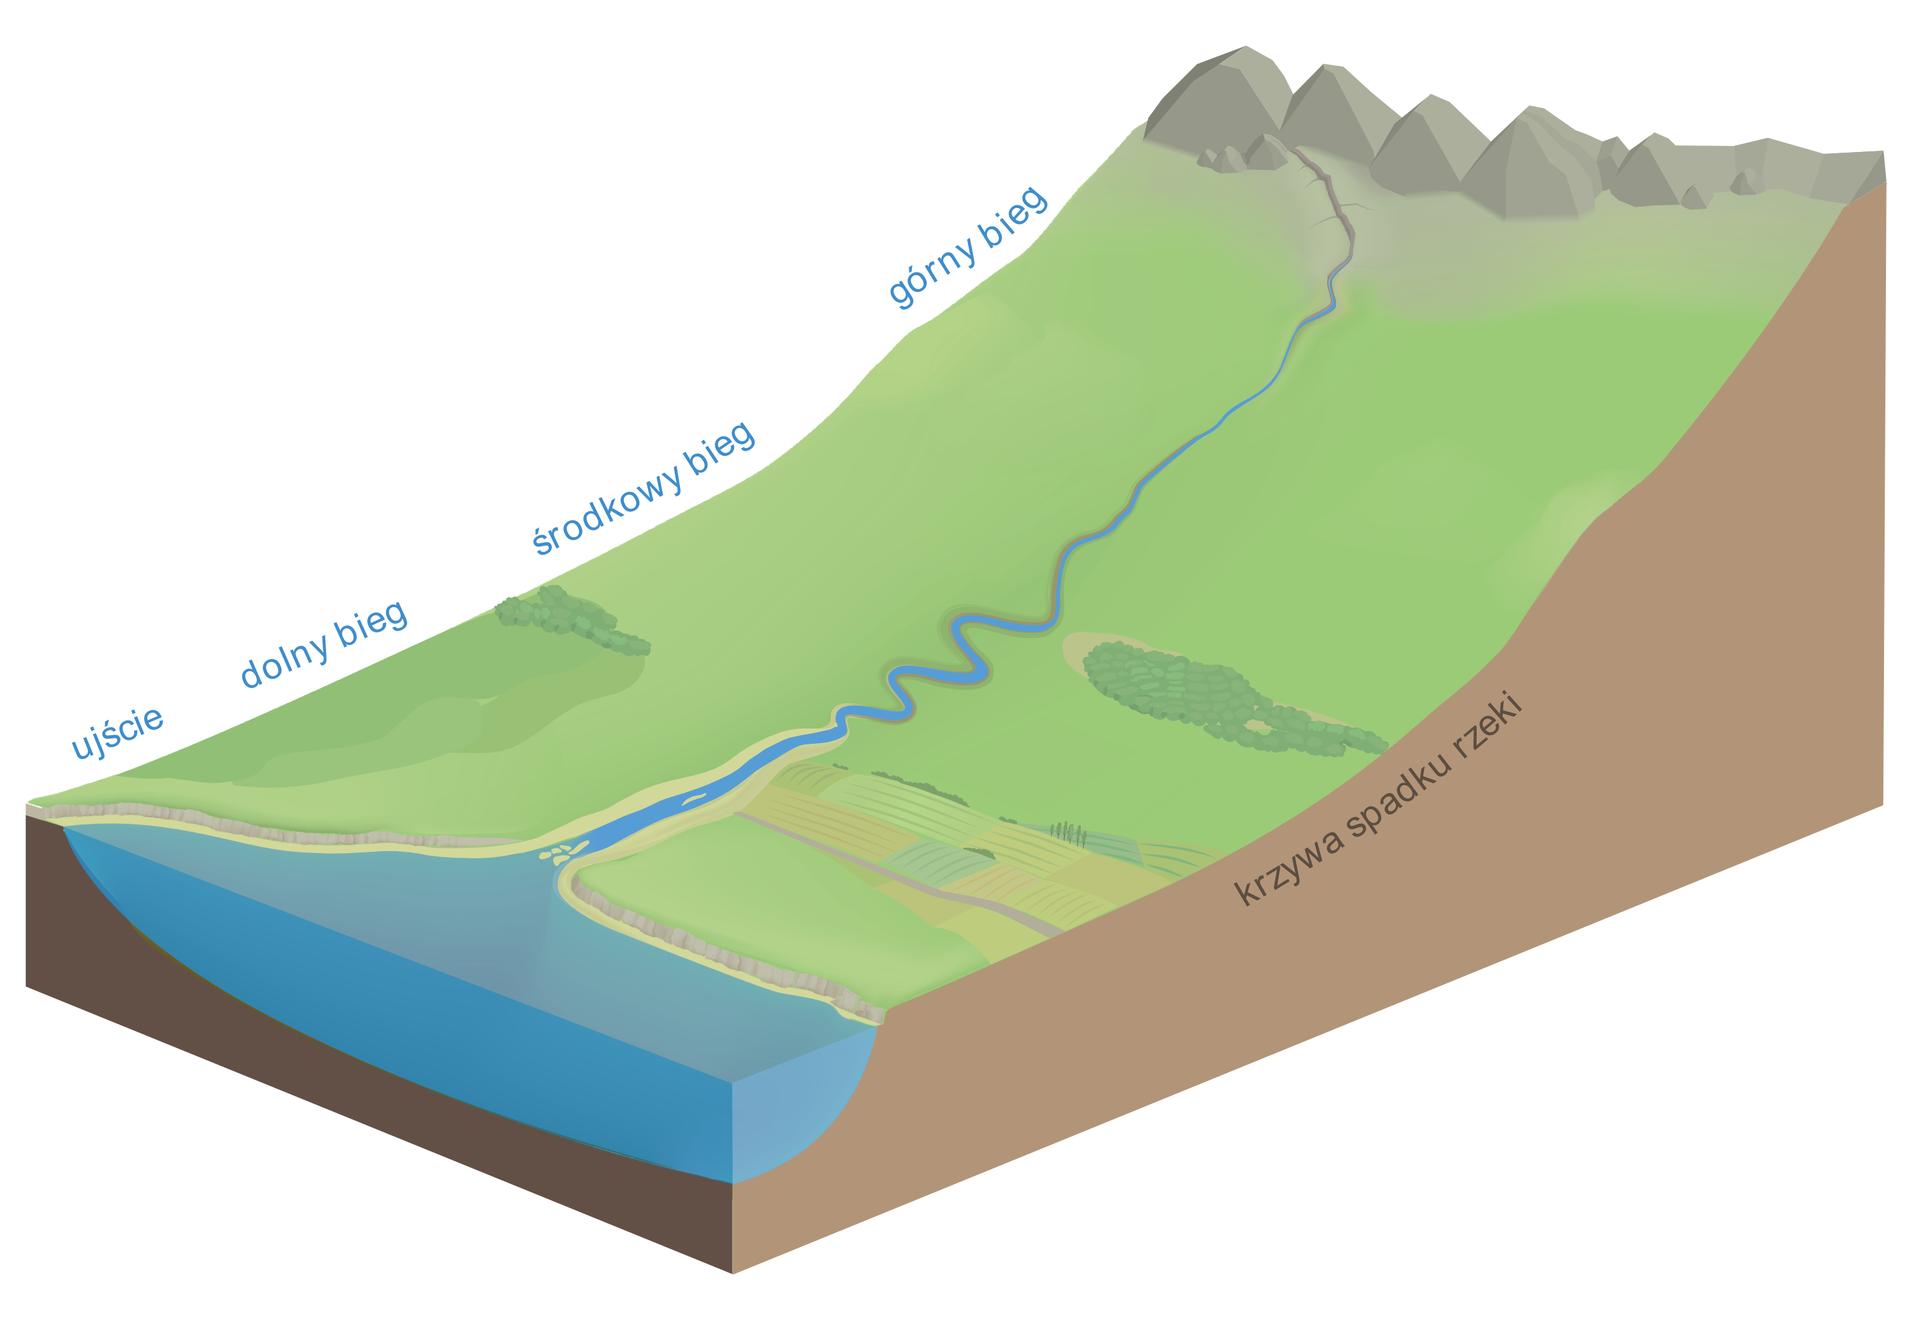 Ilustracja przedstawia wycinek Ziemi. Fragment powierzchni Ziemi jest nachylony, porośnięty trawą. Zgóry płynie rzeka. Wdole zbiornik wodny. Na skraju wycinka opisano odcinki biegu rzeki: górny, środkowy idolny. Opisano jeszcze ujście.